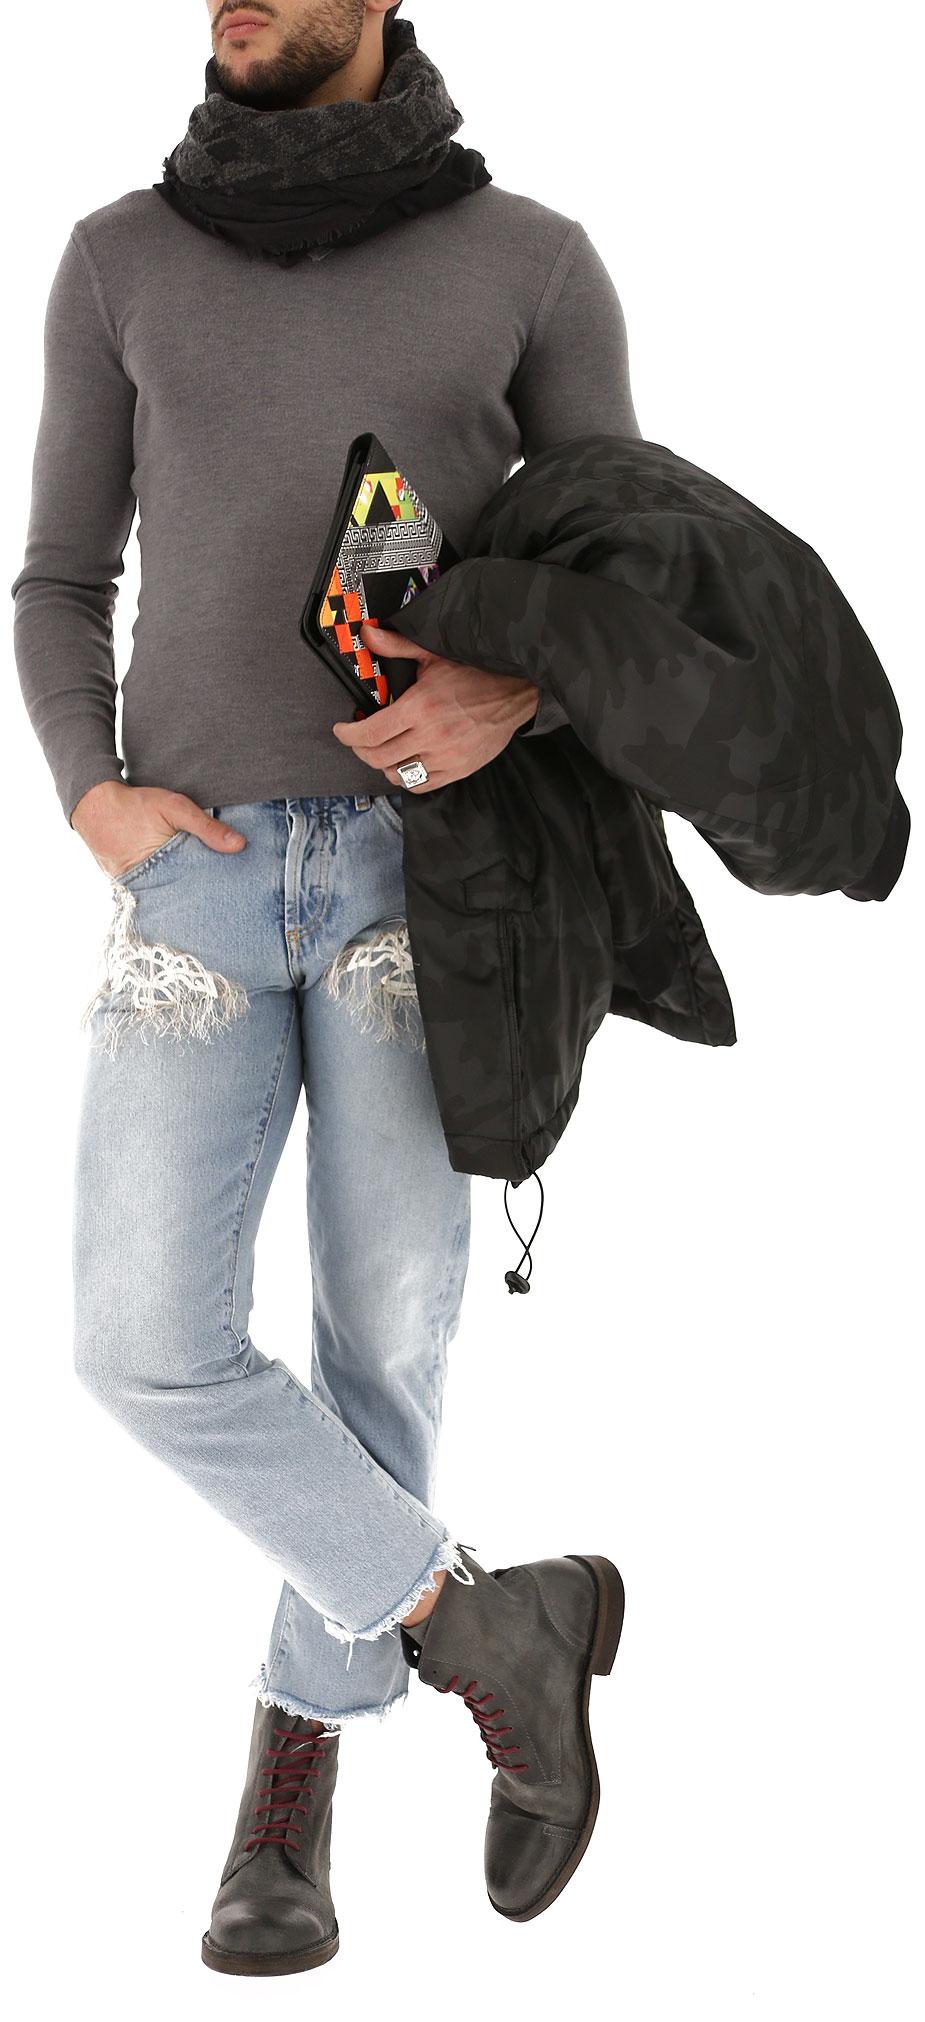 Abbigliamento Uomo fm751037 Sander Jil Codice 84 my200058 Articolo Abbigliamento Uomo rr14yBpAfq